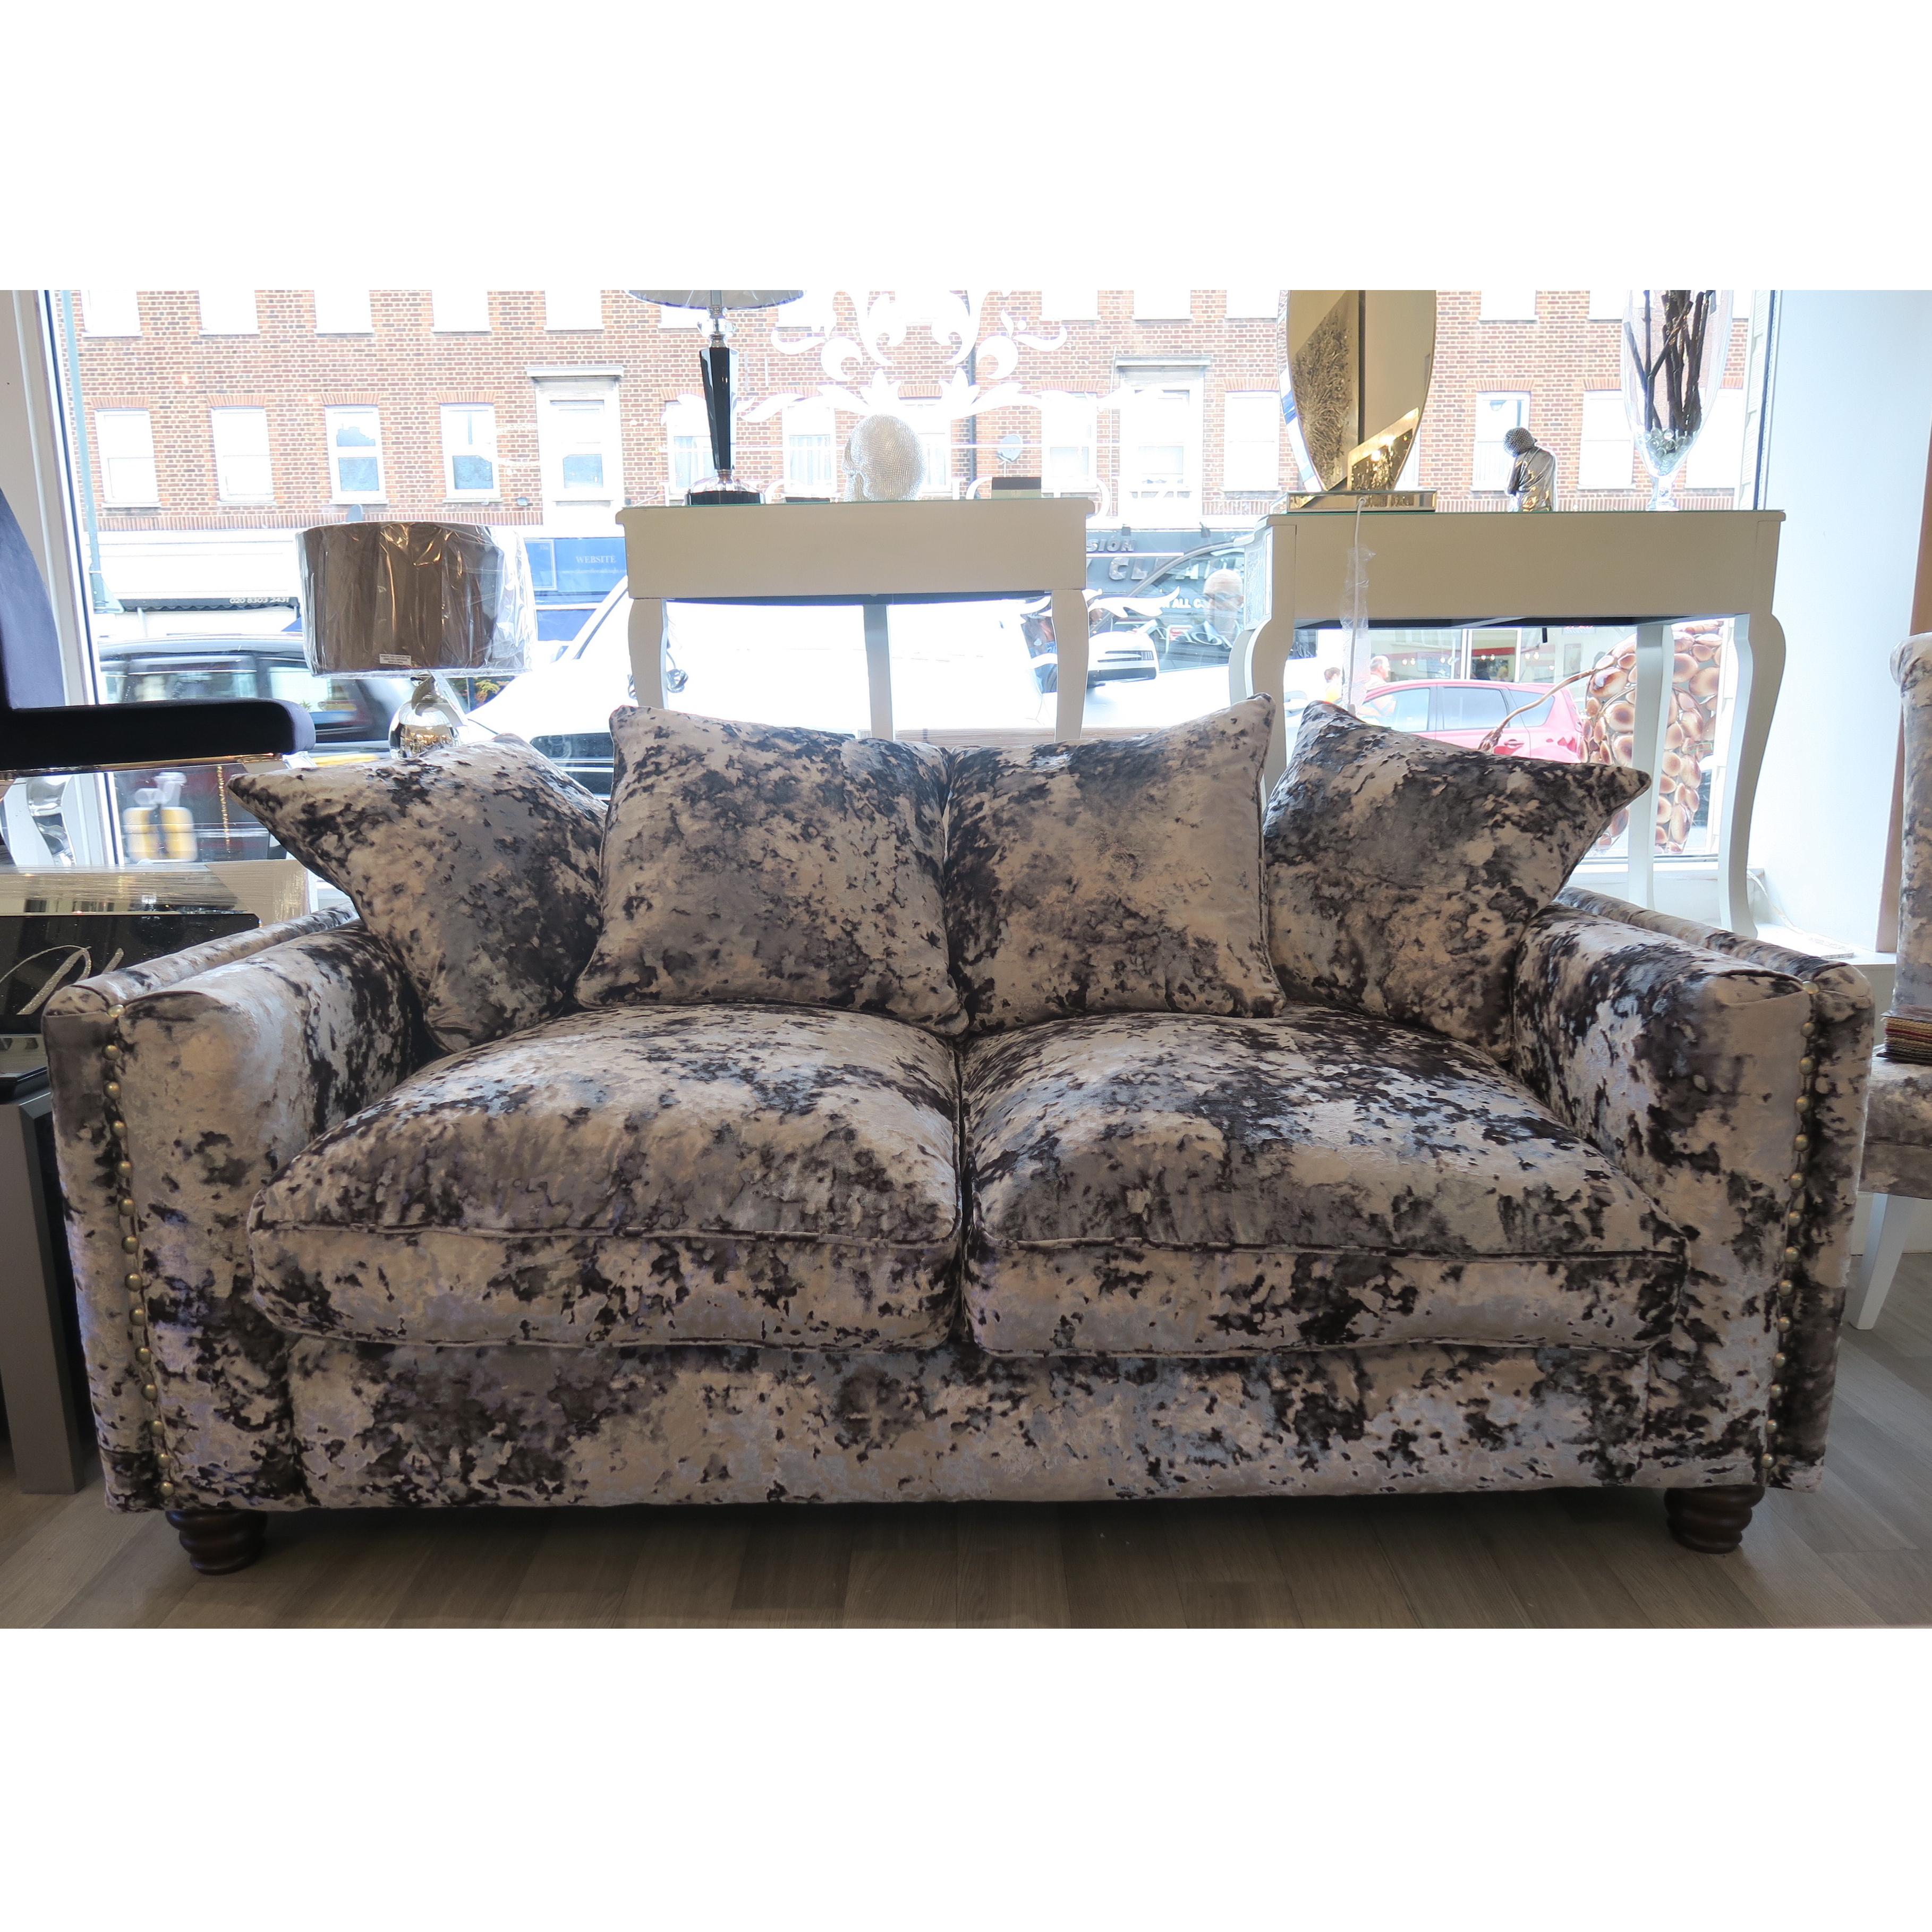 Mayfair Crushed Velvet 2 Seater Sofa